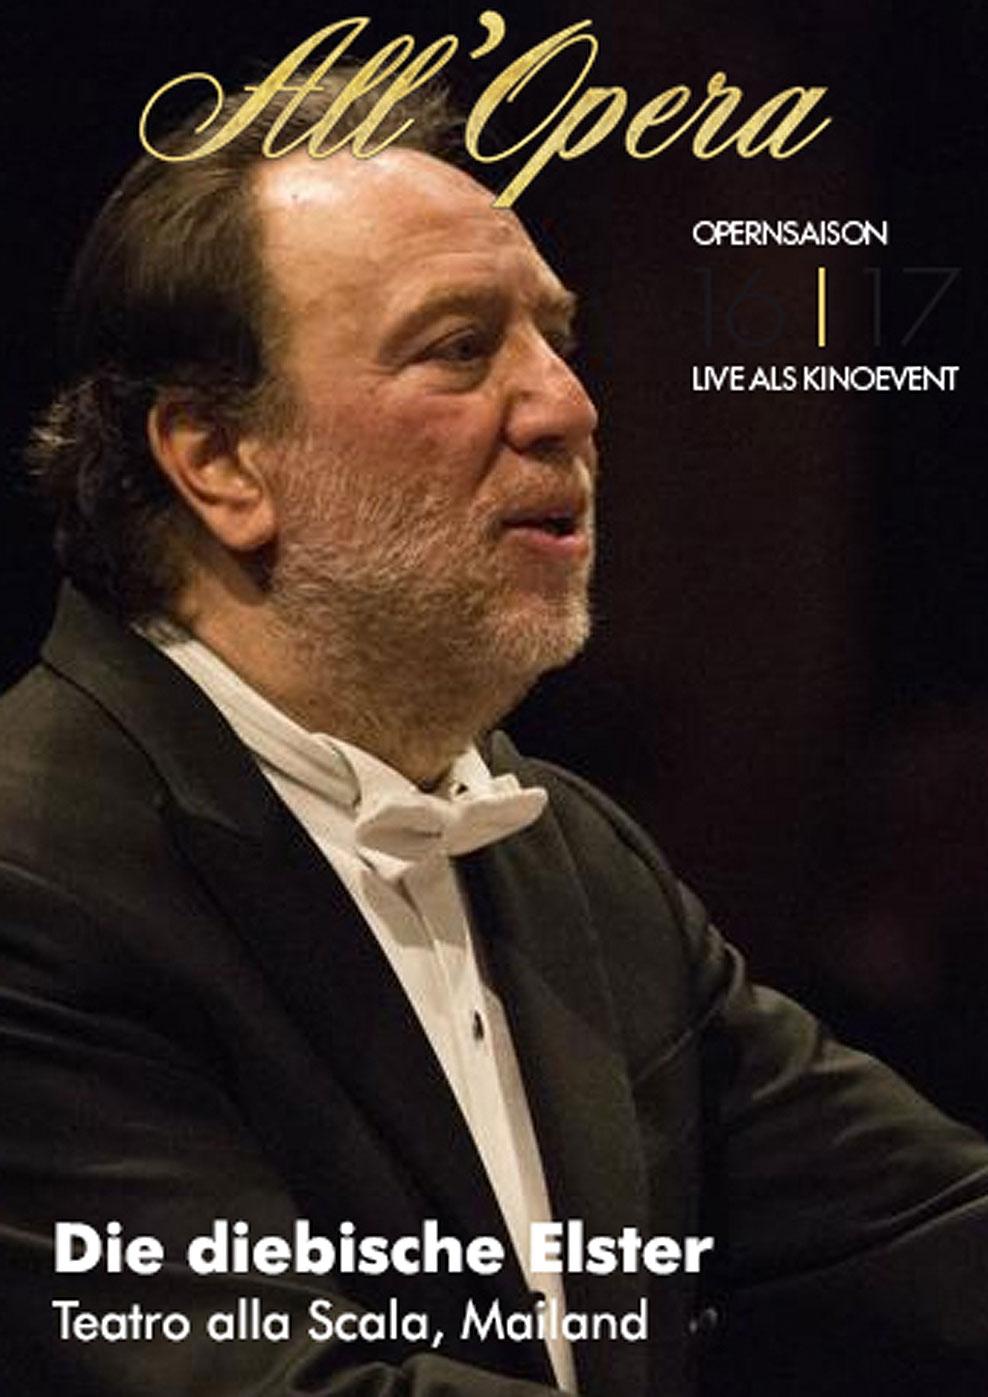 All Opera 16/17: Die diebische Elster (Live) (Poster)